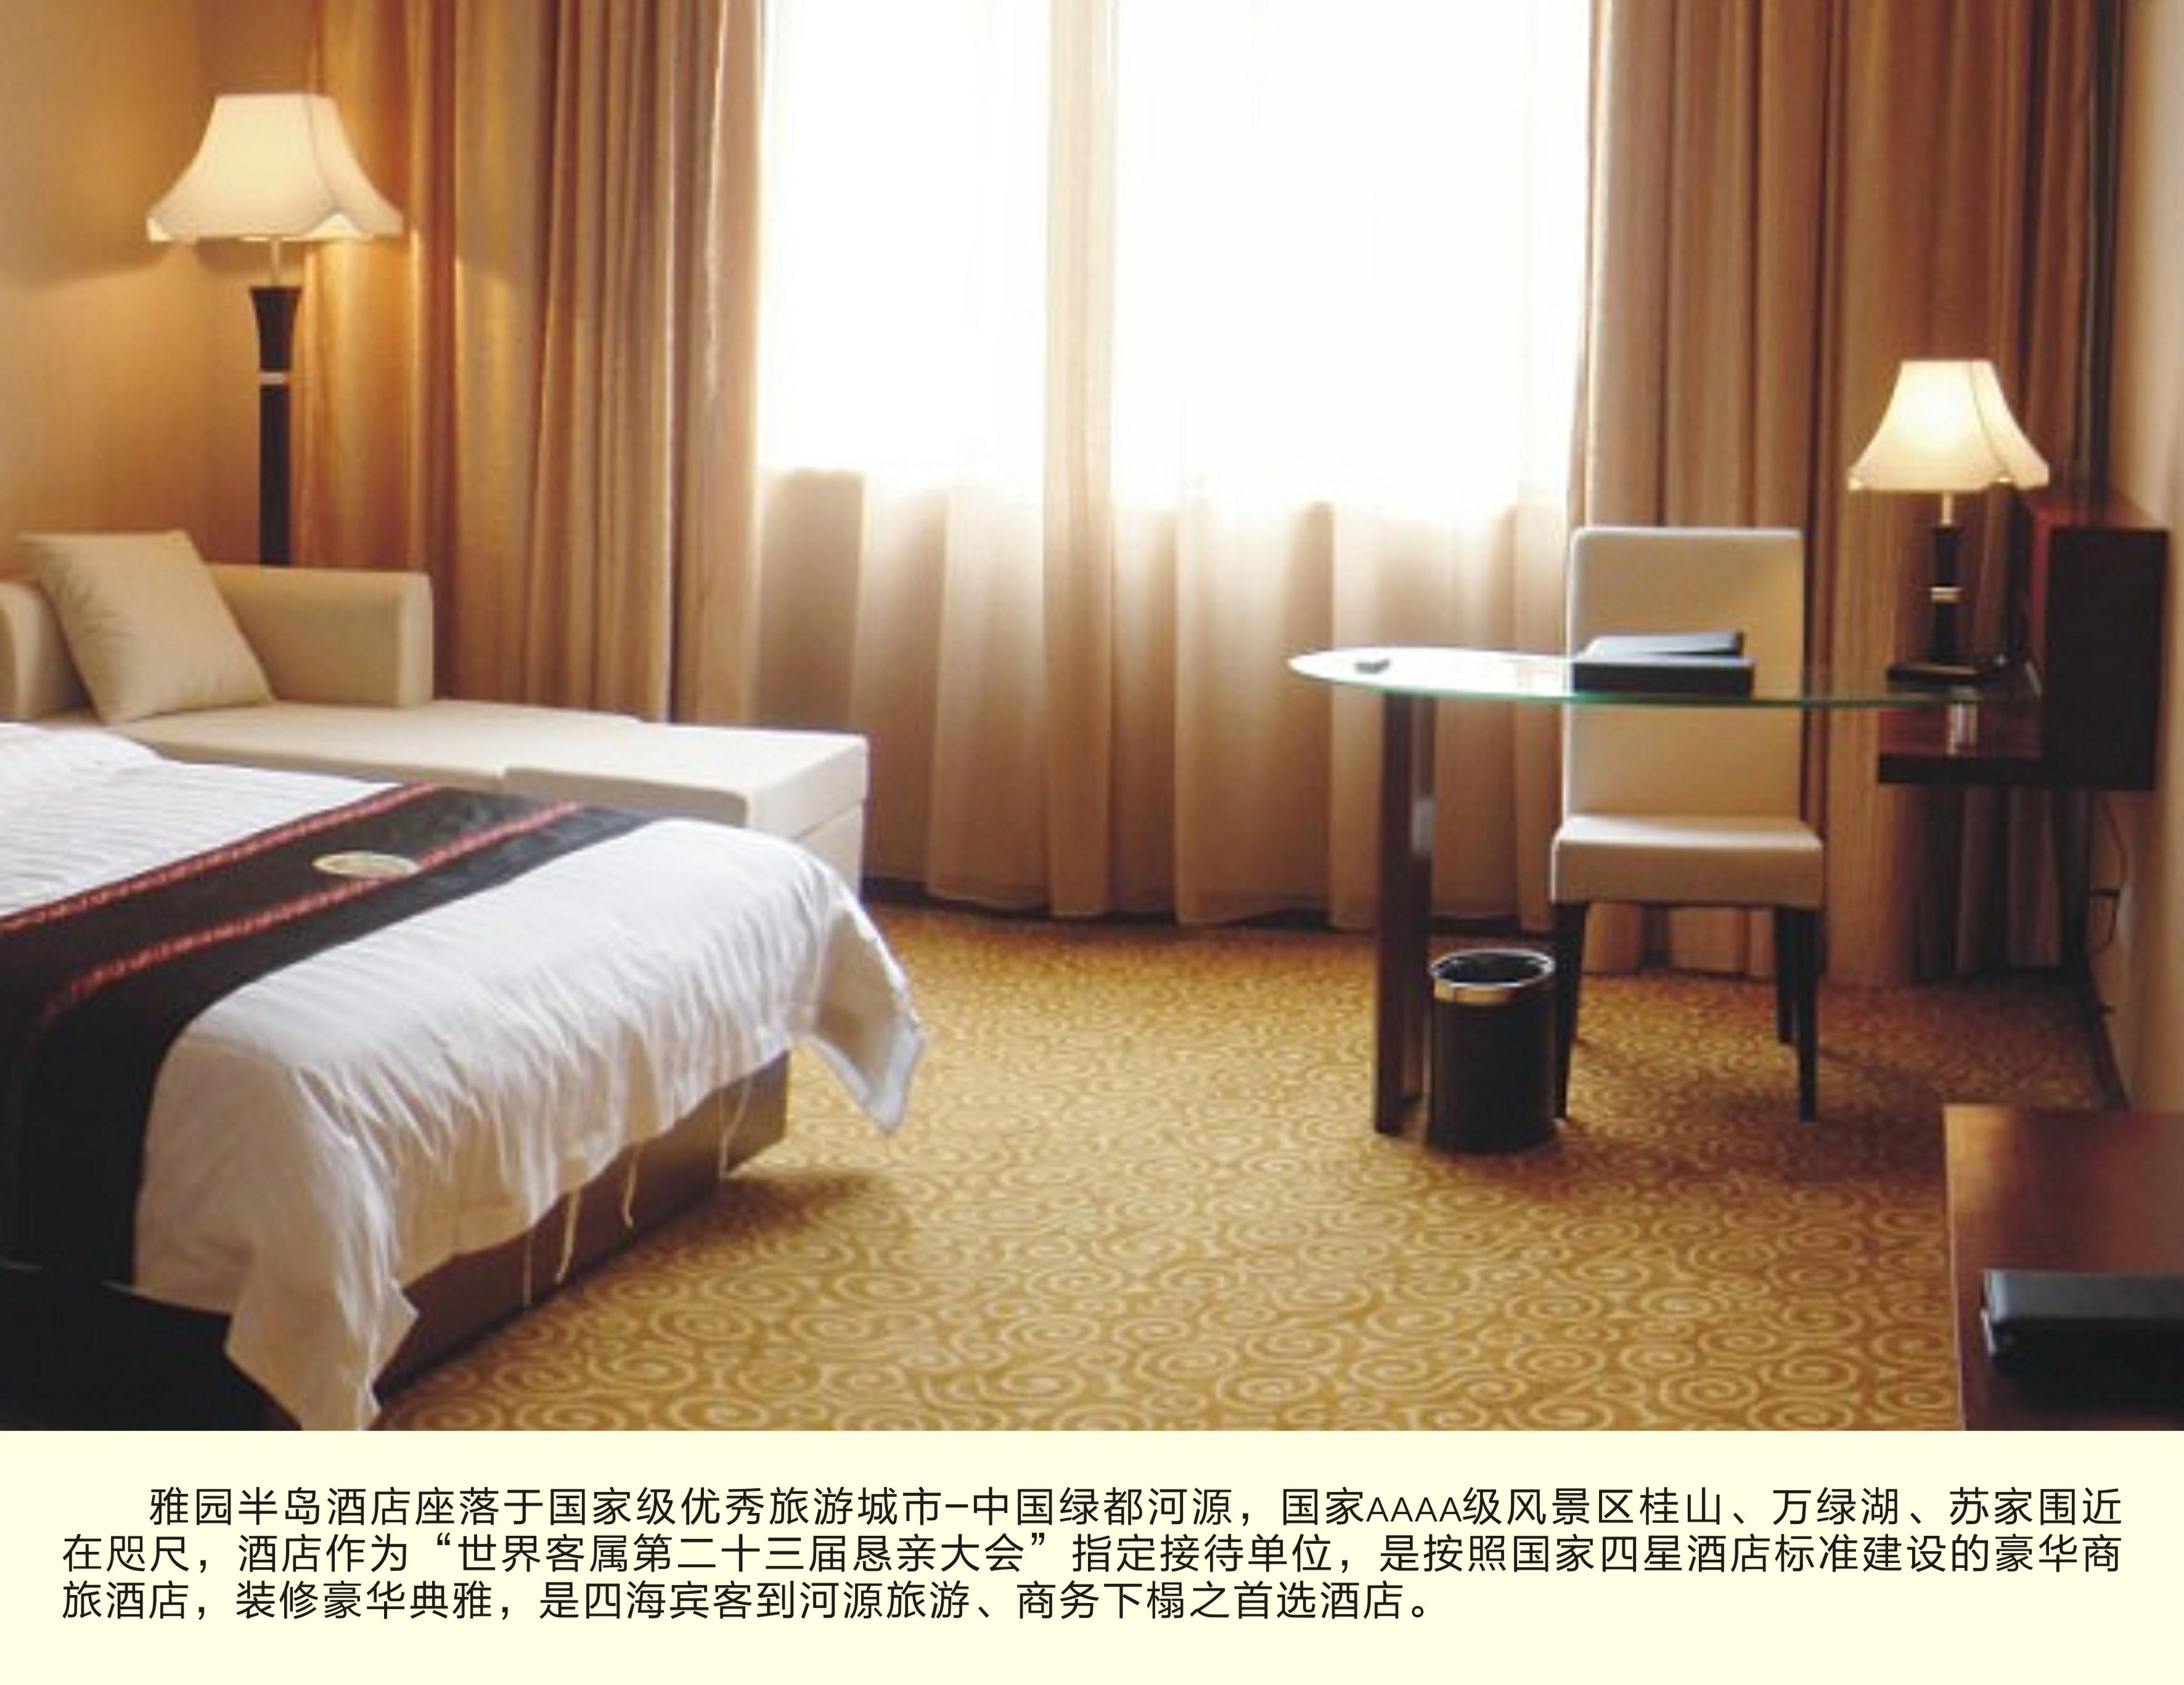 河源雅园半岛酒店(筹建)